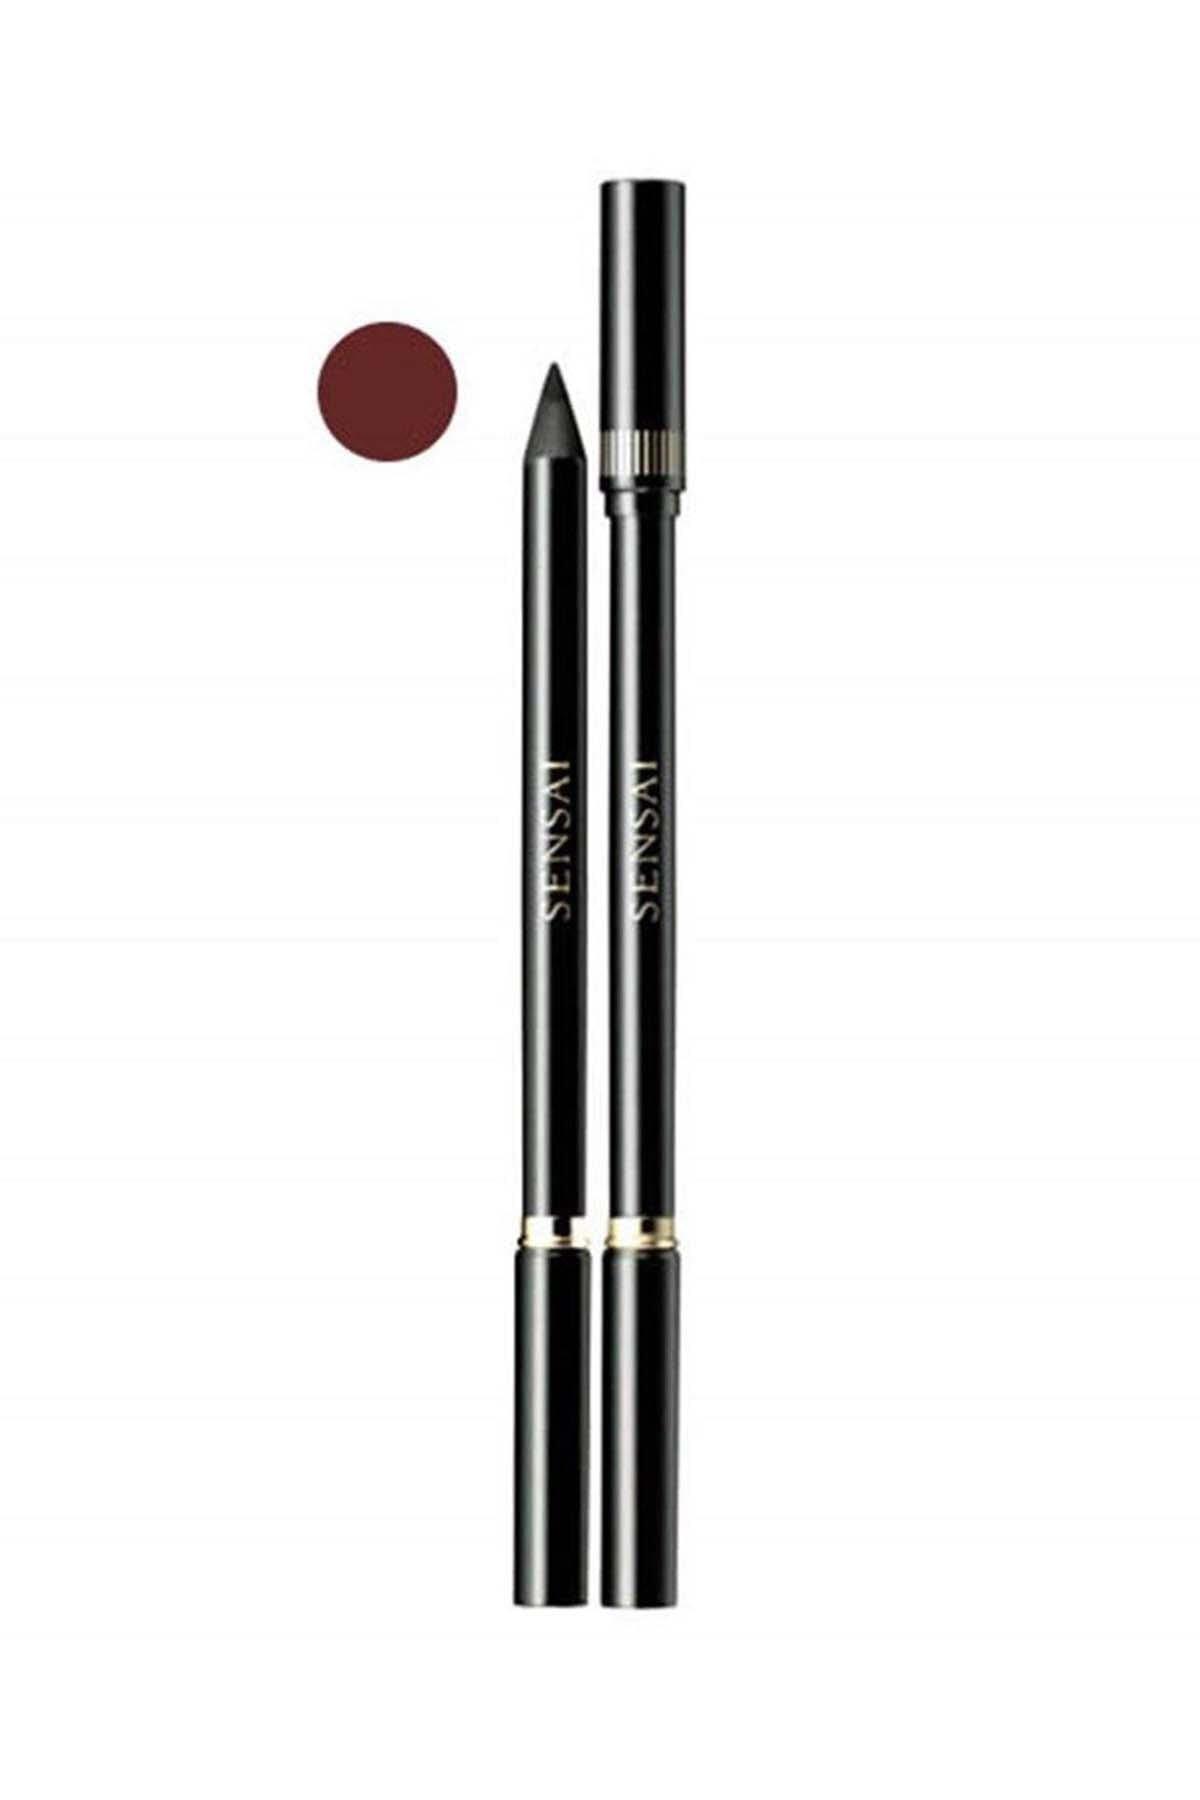 Sensai Eyeliner Pencil - El02 Brown 1